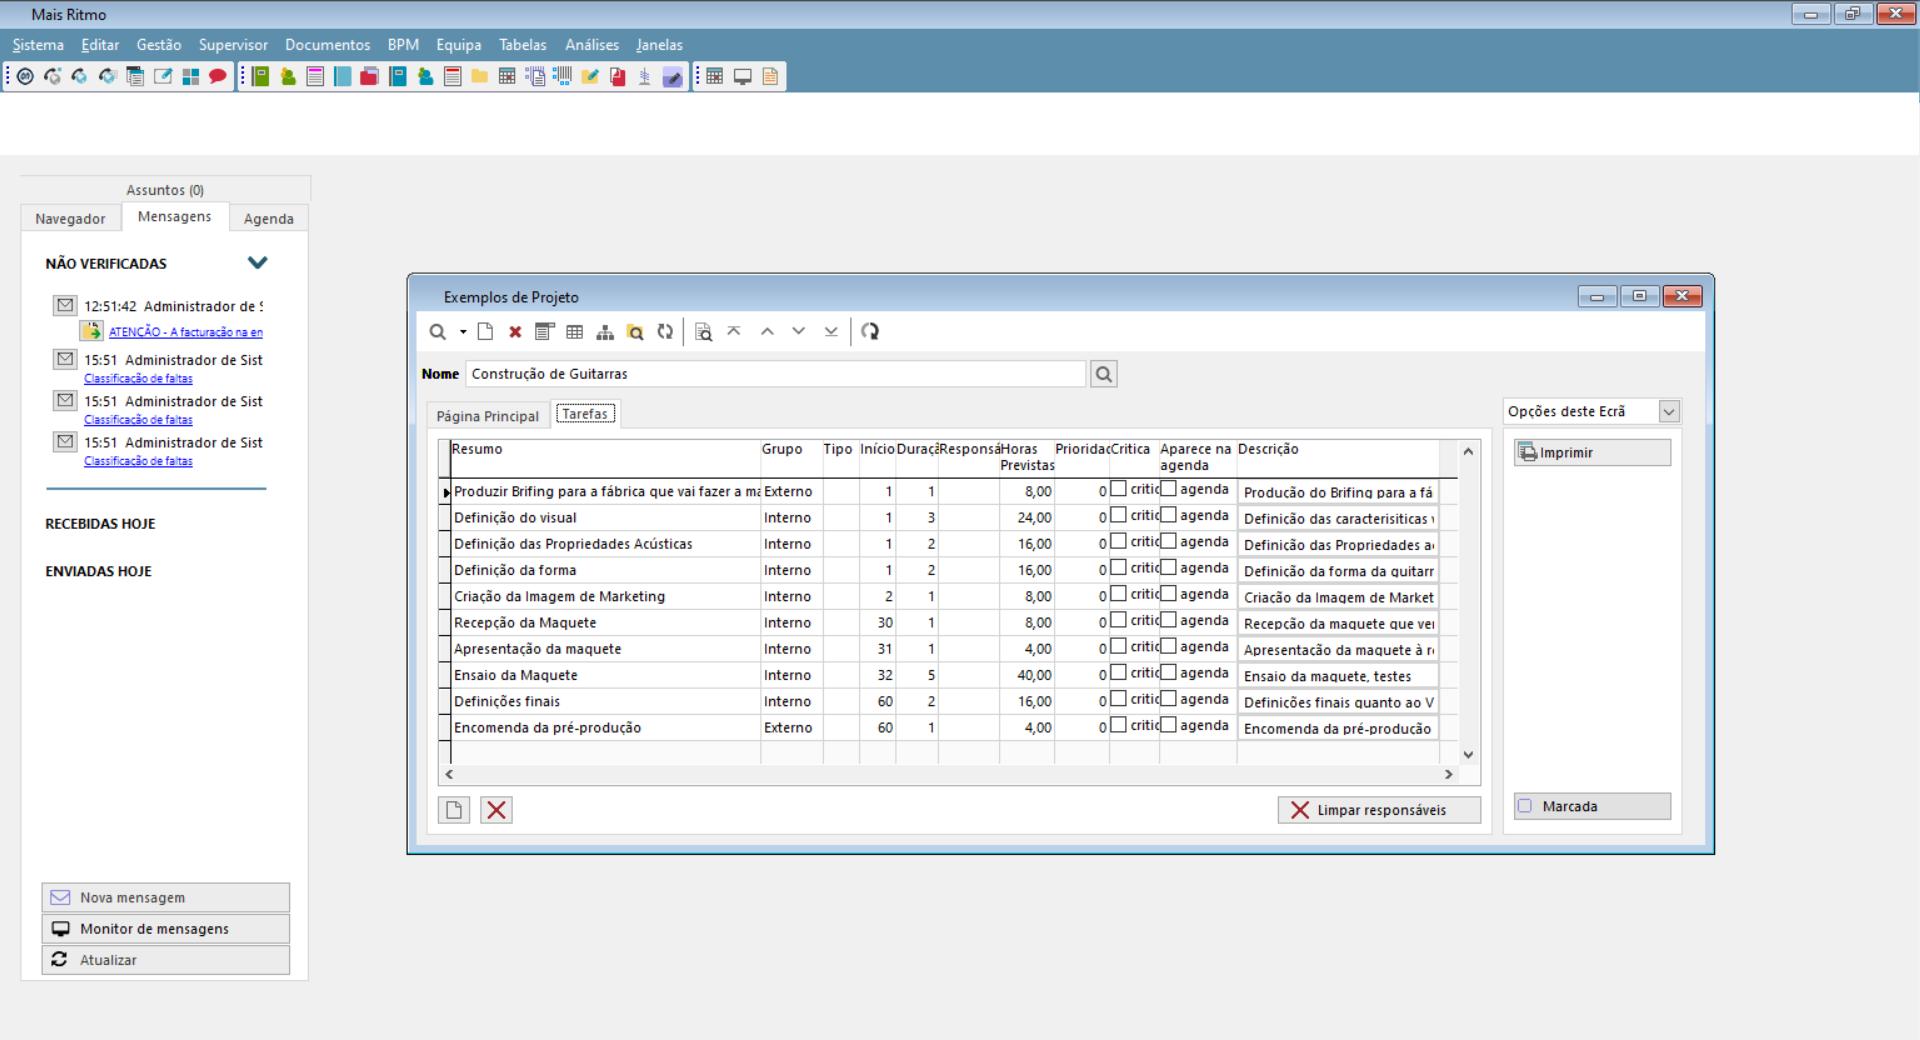 Dashboarde de gestão de projetos